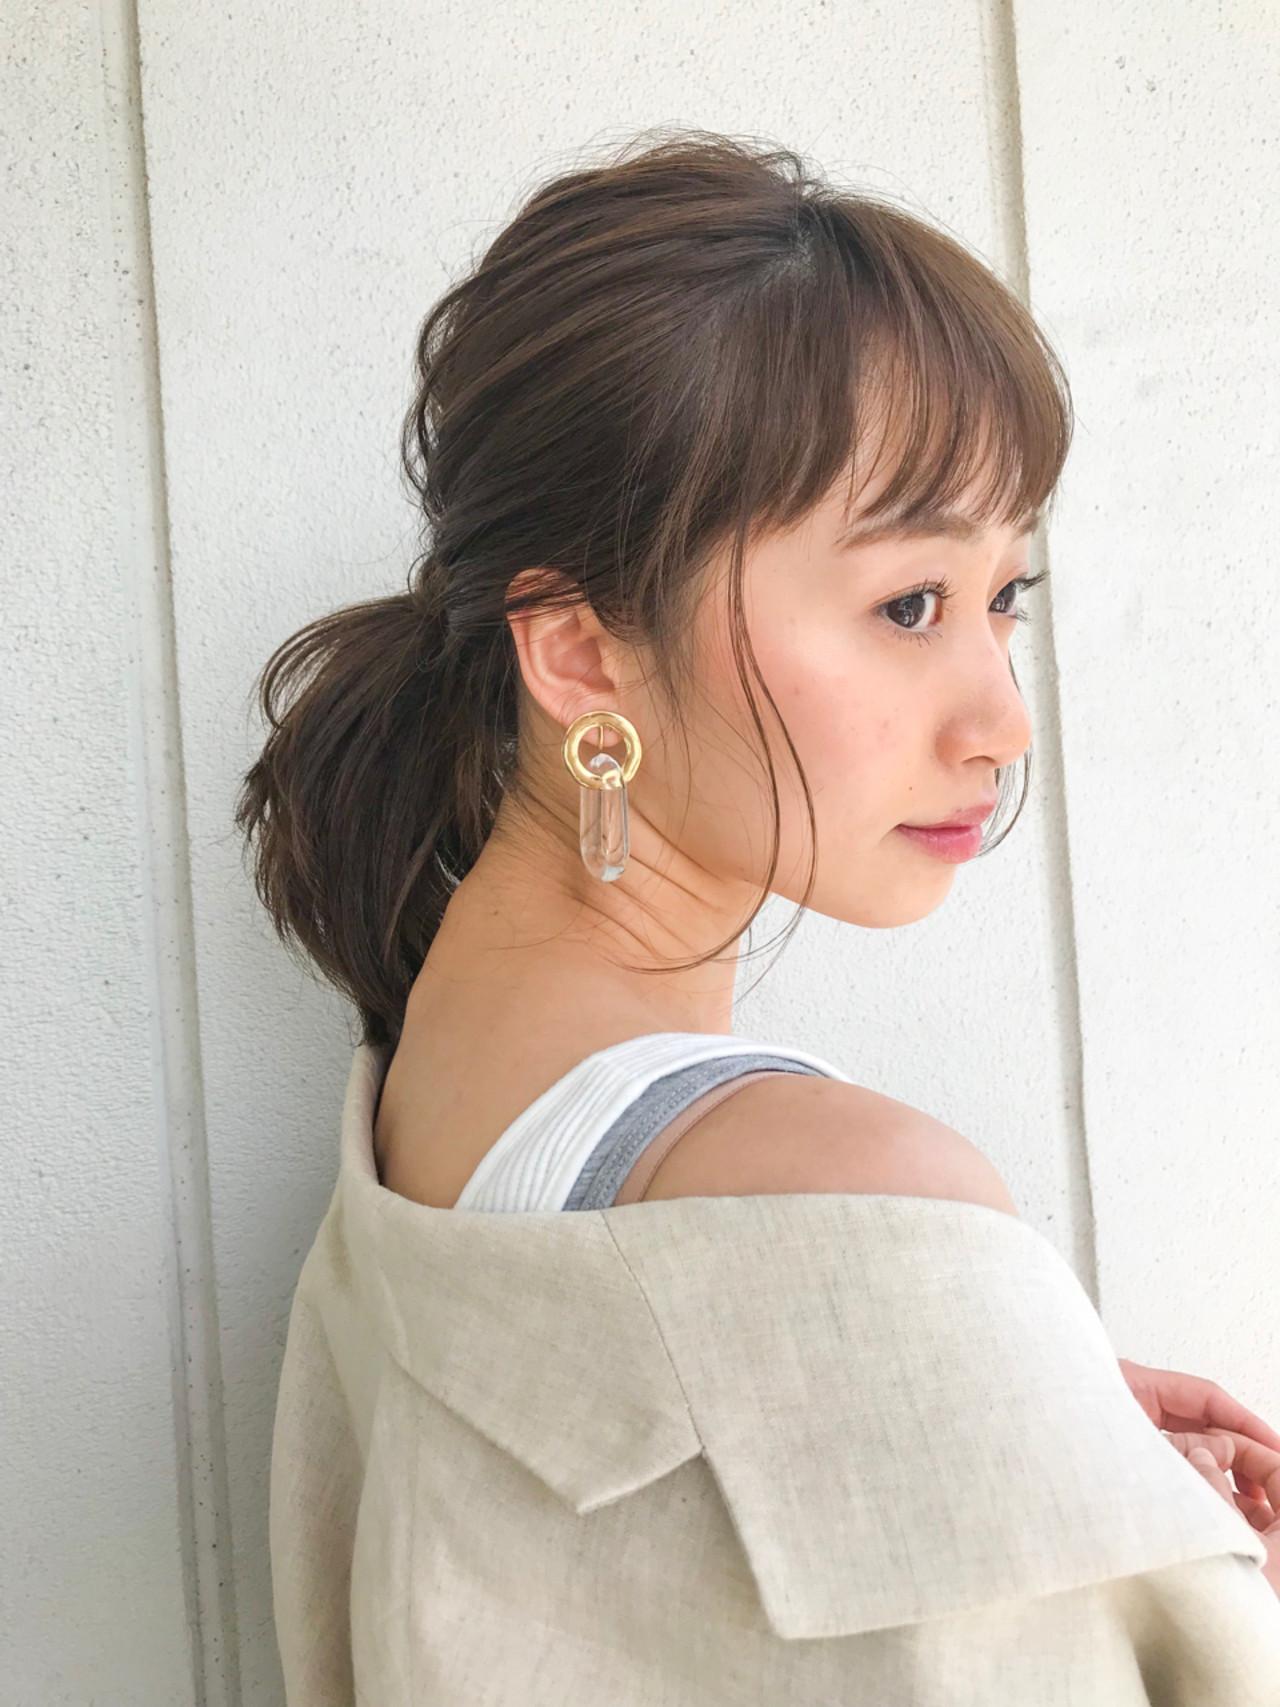 ナチュラル 簡単ヘアアレンジ ミディアム ポニーテール ヘアスタイルや髪型の写真・画像